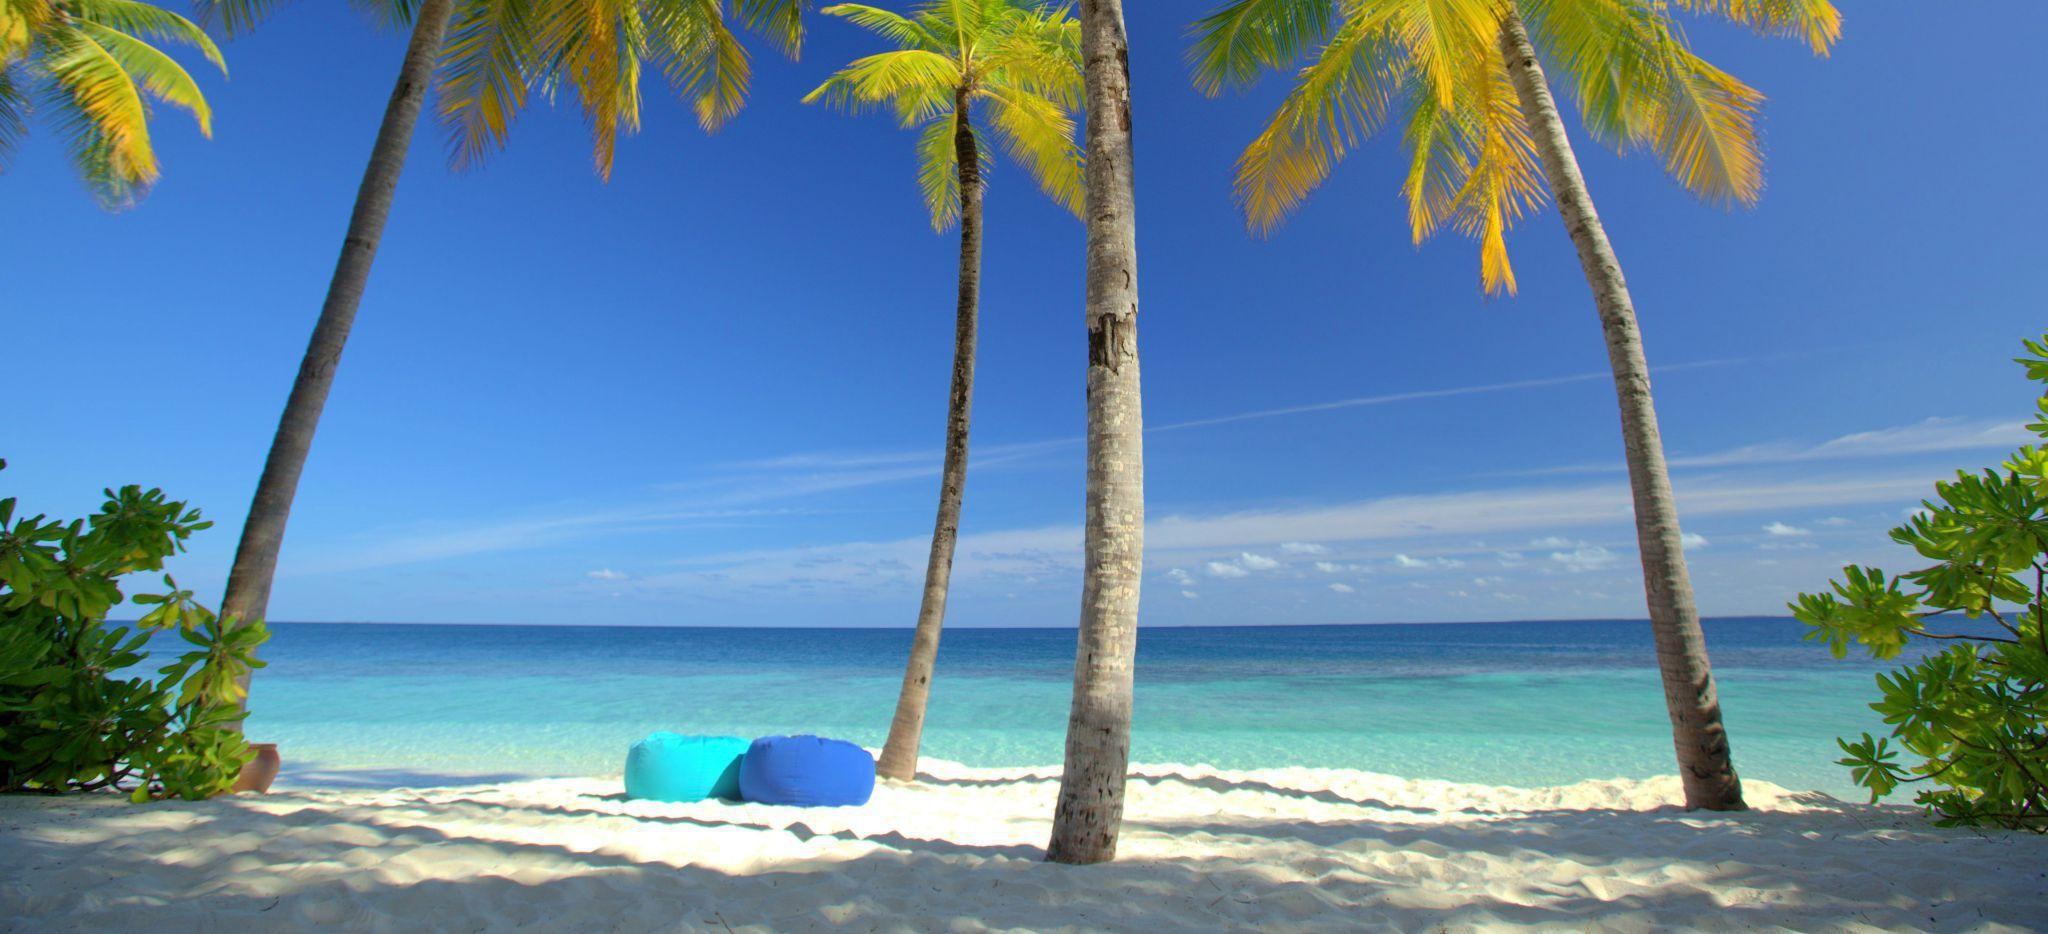 Ein Strand und das Meer durch Palmen hindurch gesehen. Zwischen den Palmen liegen zwei Sitzsäcke